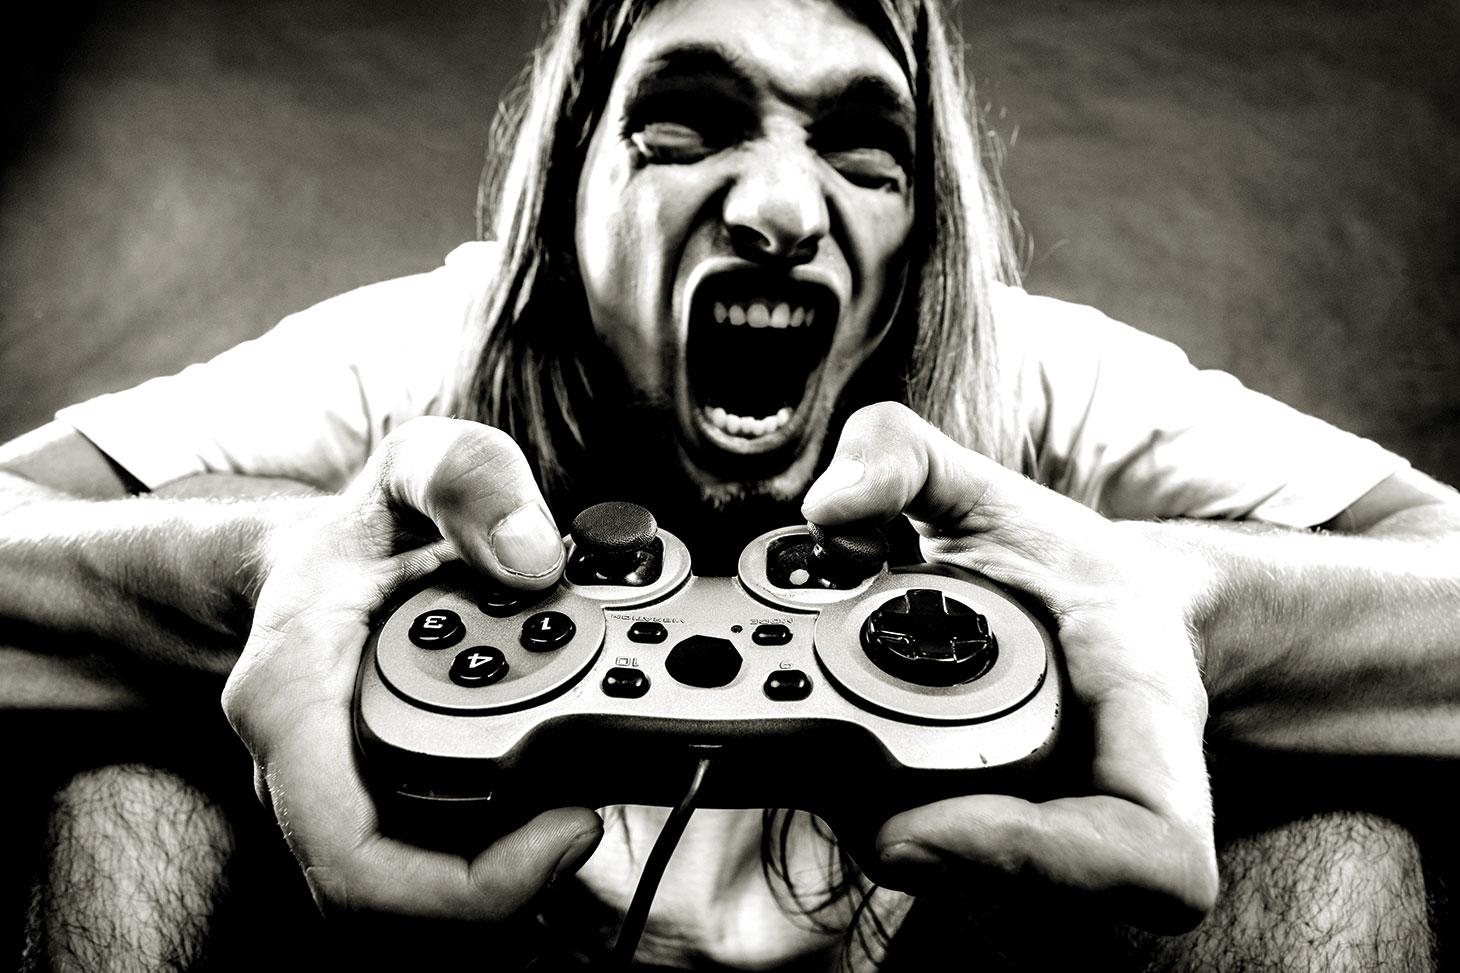 Un jeune homme jouant à un jeu vidéo violent